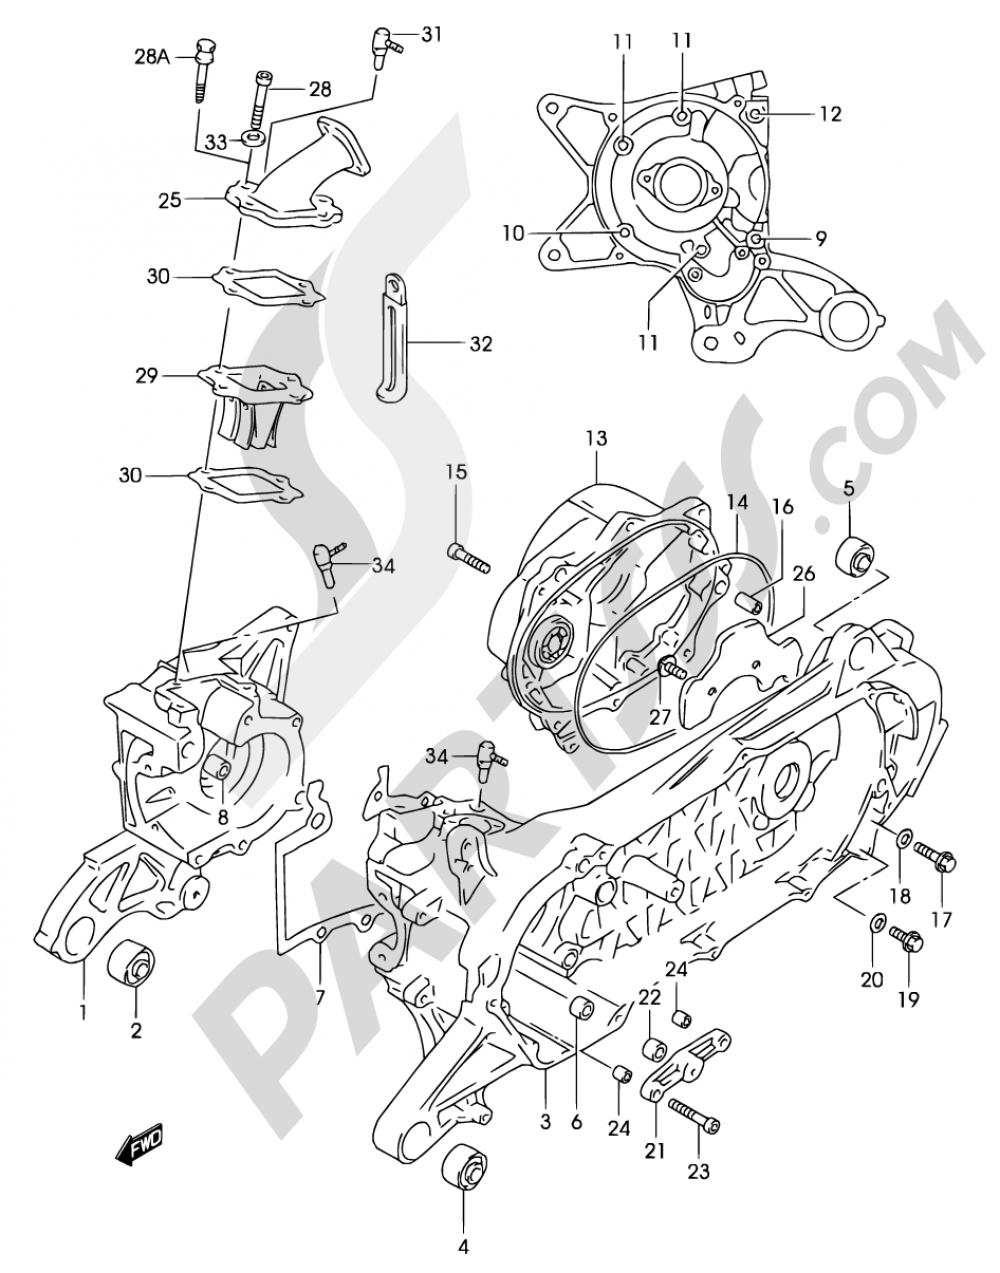 2E - CRANKCASE (MODEL AY50 K3/K4) Suzuki KATANA AY50WR 2001